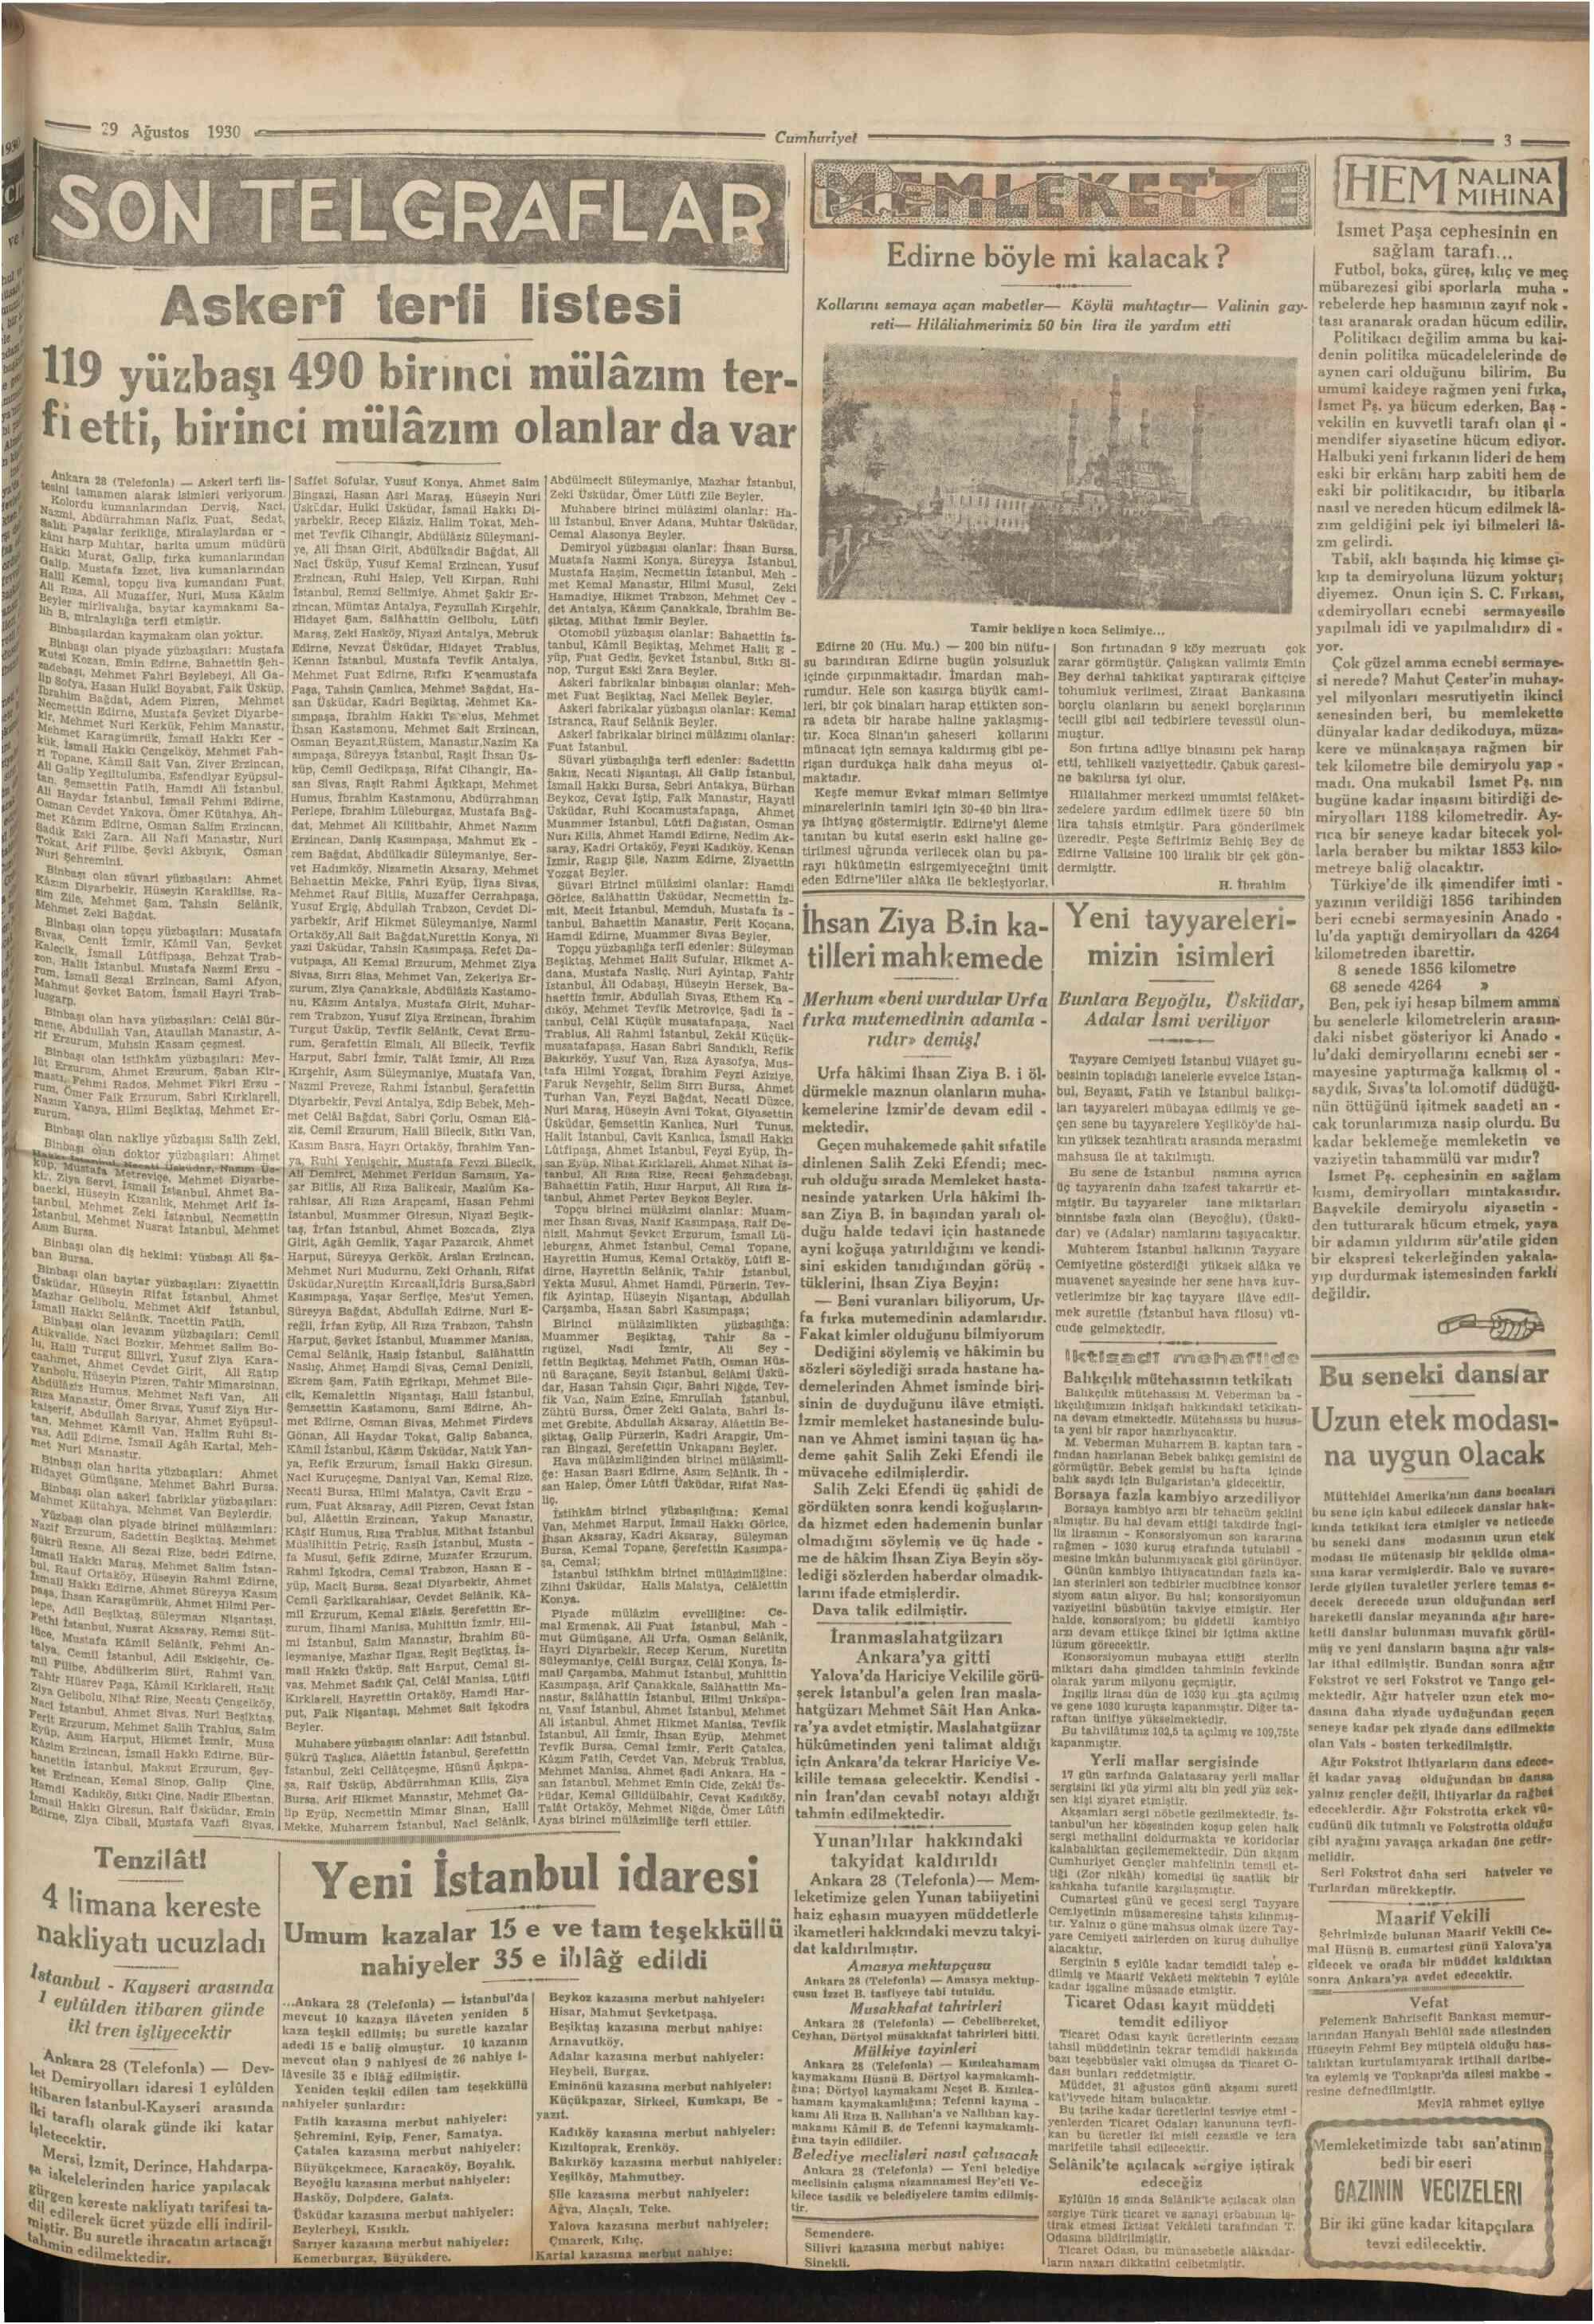 29 Ağustos 1930 Tarihli Cumhuriyet Gazetesi Sayfa 3